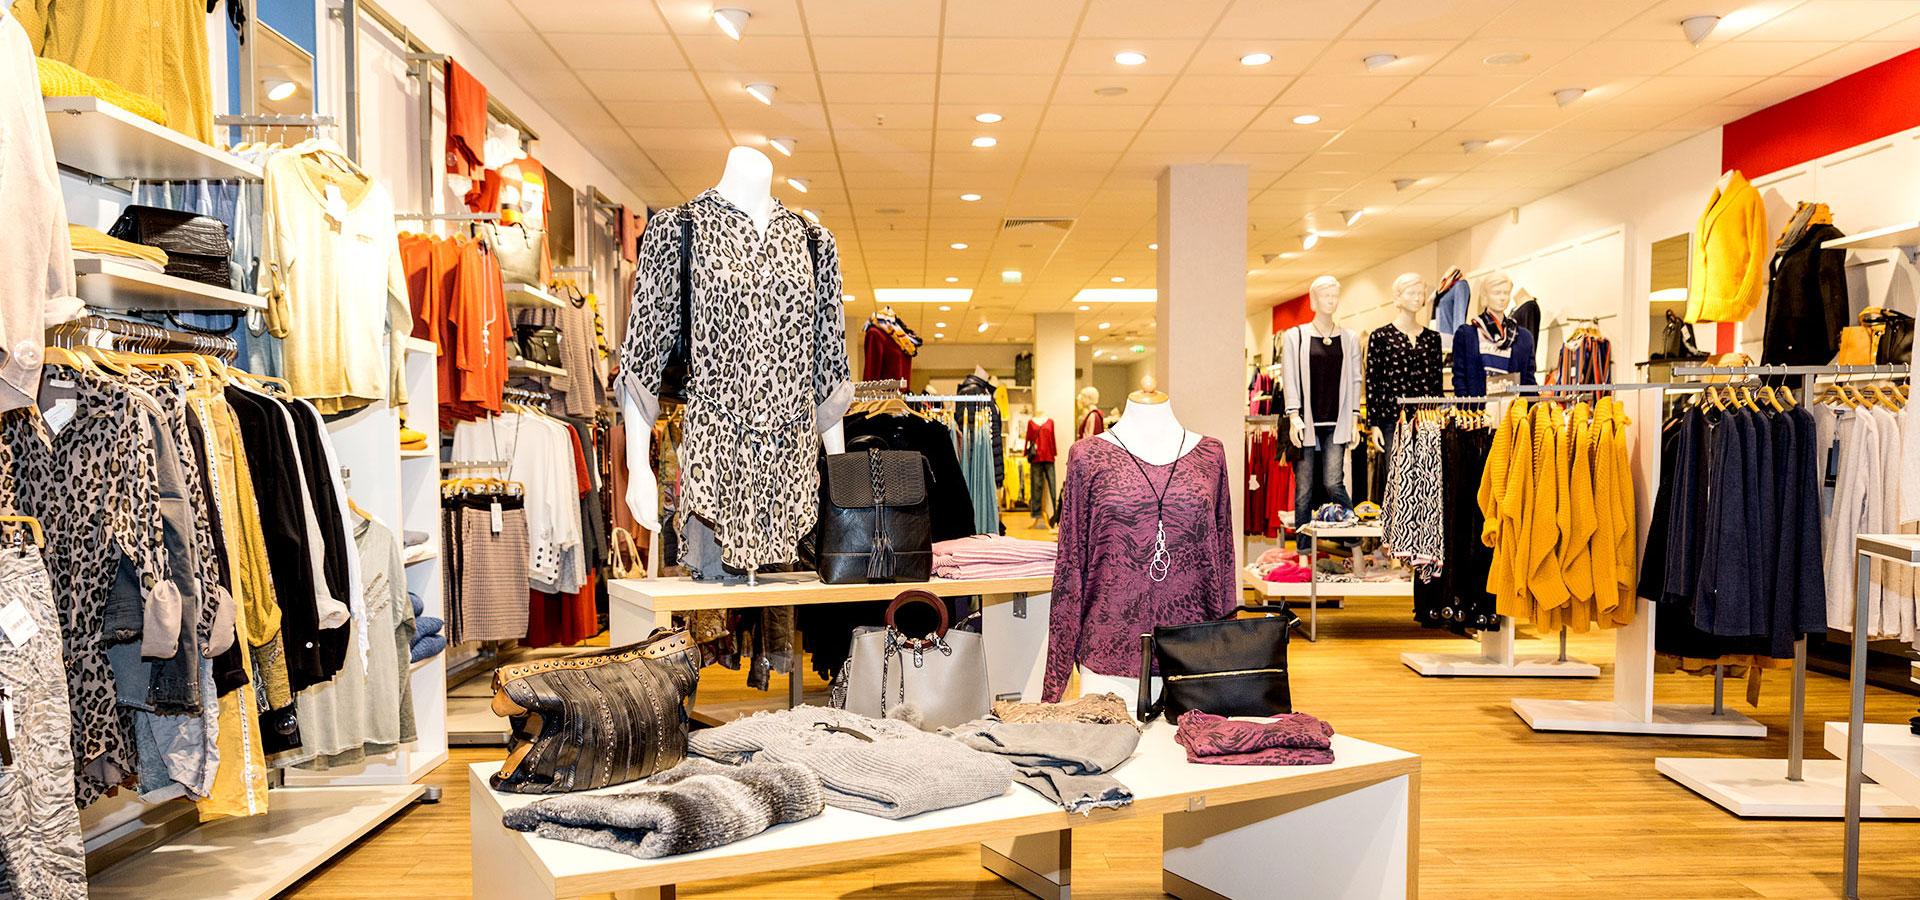 Damenmode I Mode Deppenkemper, Ostwennemarstraße 100, 59071 Hamm